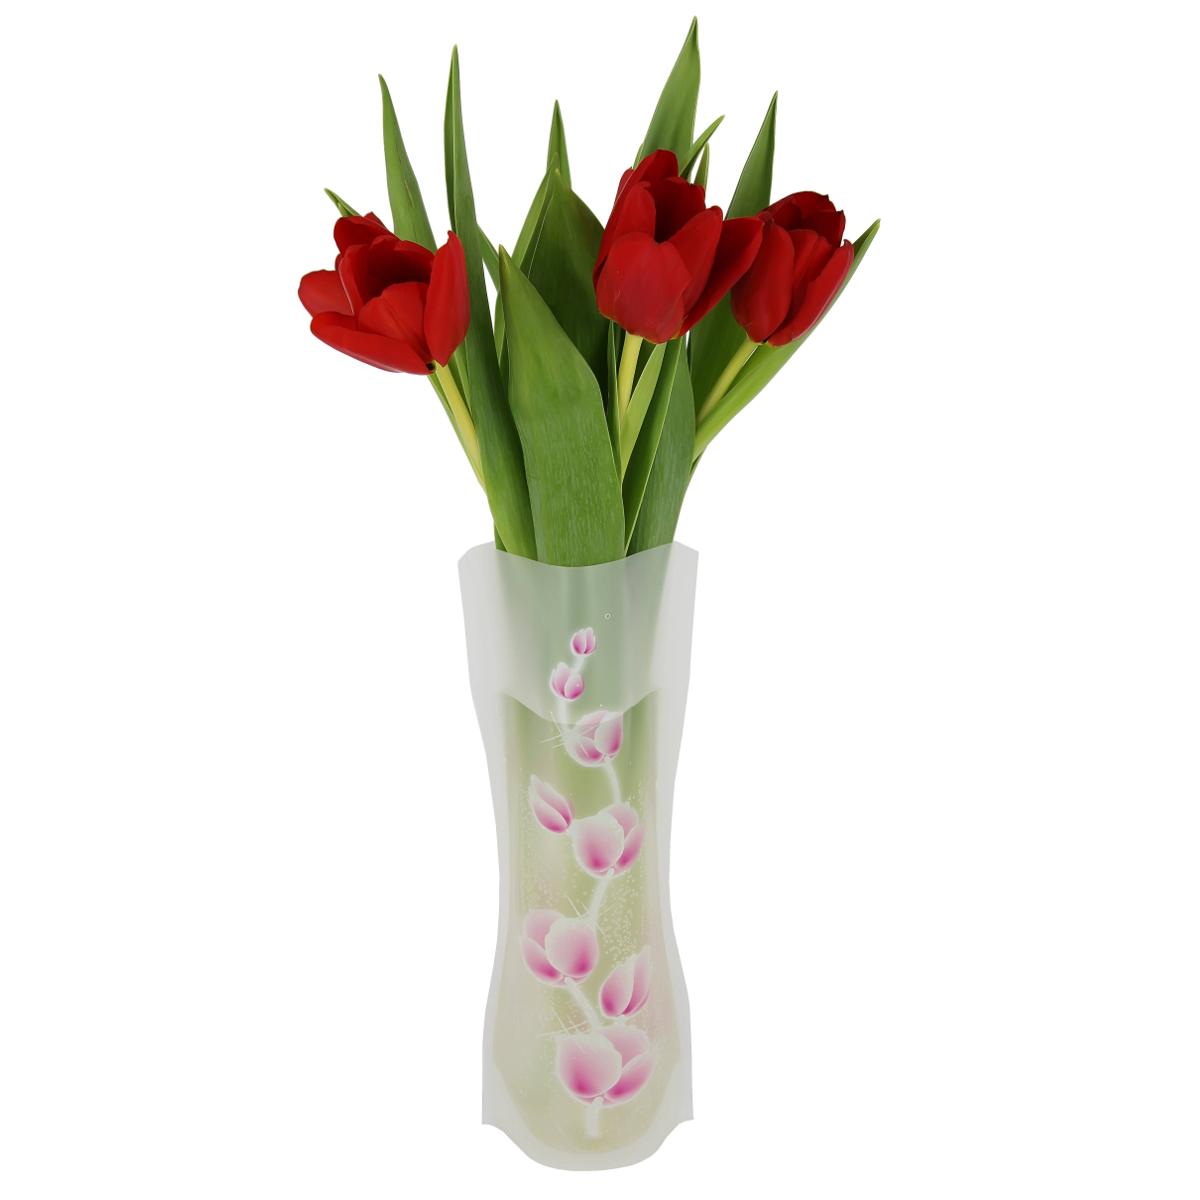 """Пластичная ваза """"Розовые пионы"""" легко складывается, удобно хранится - занимает мало места, долго служит. Всегда пригодится дома, в офисе, на даче, для оформления различных мероприятий. Отлично подойдет для перевозки цветов, или просто в подарок.Инструкция: 1. Наполните вазу теплой водой;2. Дно и стенки расправятся;3. Вылейте воду;4. Наполните вазу холодной водой;5. Вставьте цветы.Меры предосторожности:Хранить вдали от источников тепла и яркого солнечного света. С осторожностью применять для растений с длинными стеблями и с крупными соцветиями, что бы избежать опрокидывания вазы."""